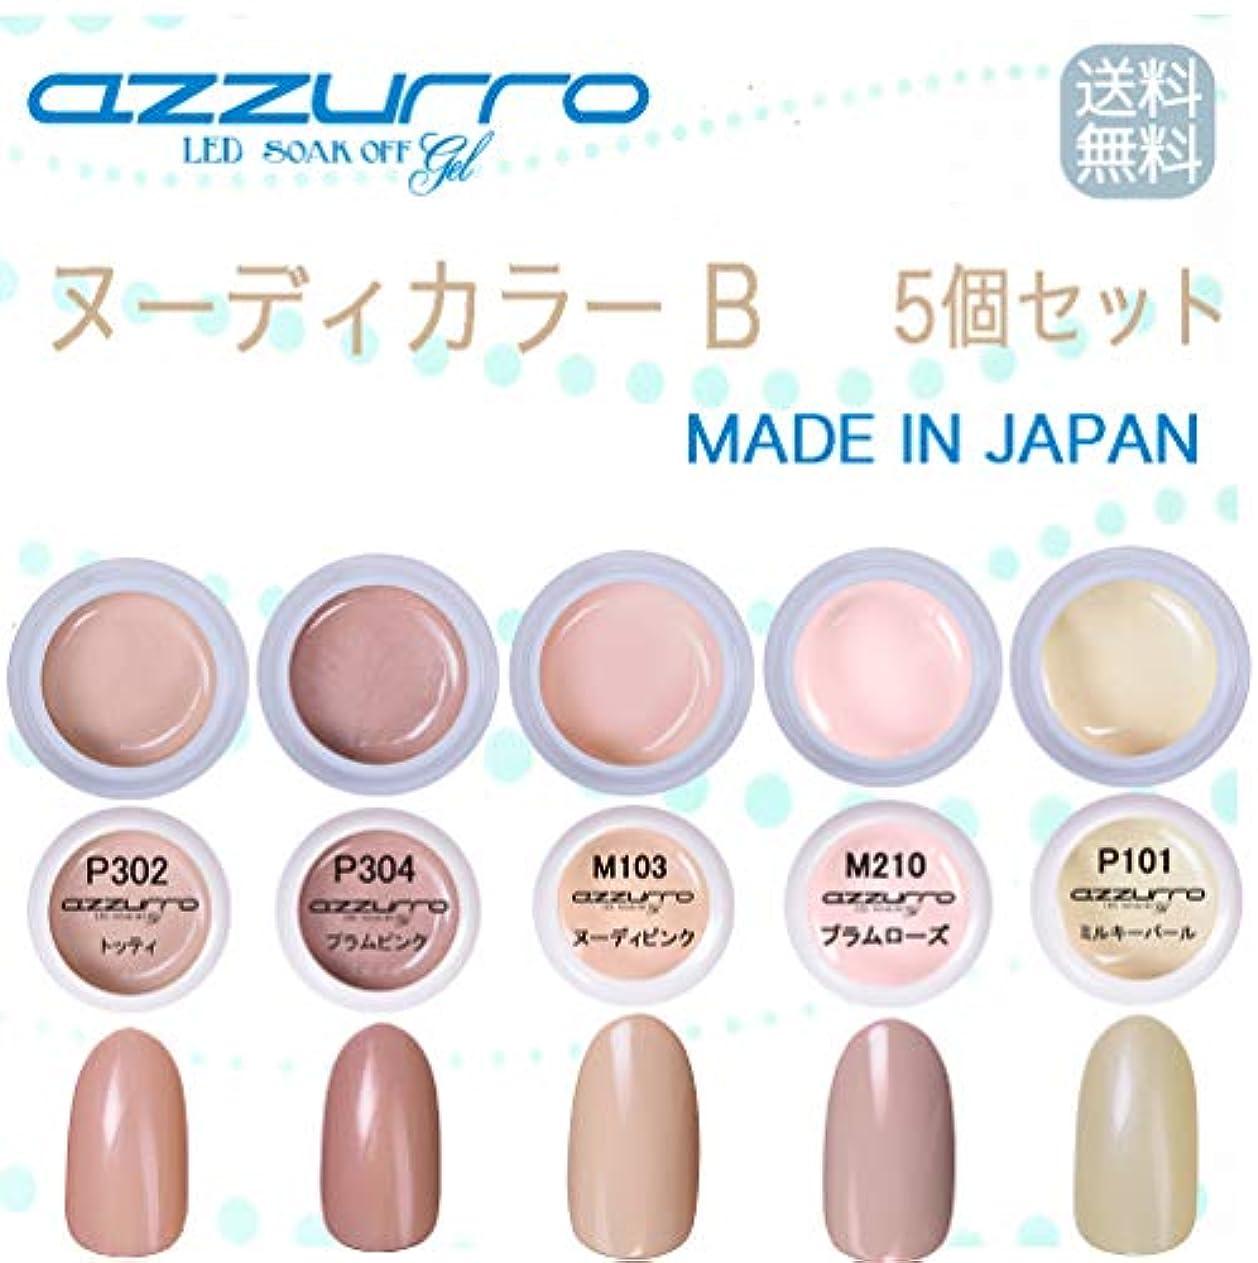 【送料無料】日本製 azzurro gel ヌーディカラージェルB5個セット ヌーデイで扱いやすいパールも入った人気カラー